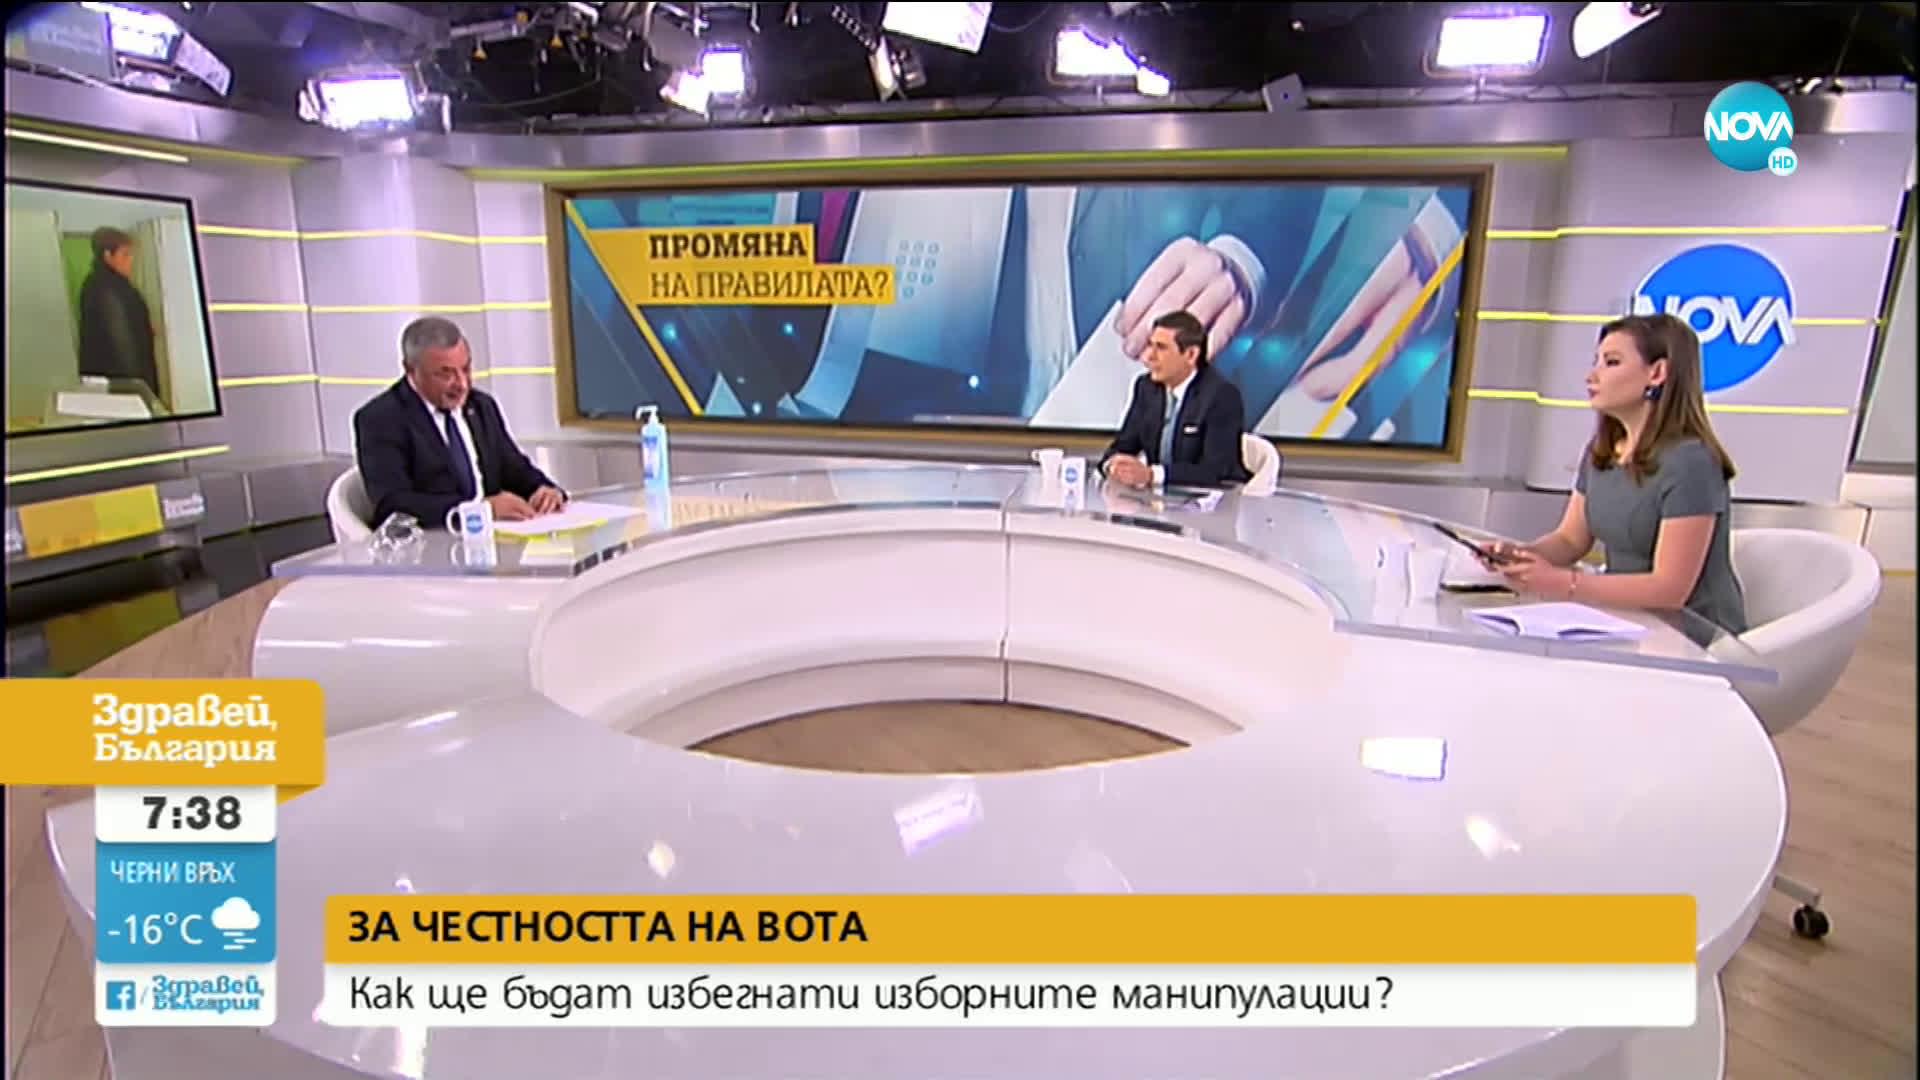 Симеонов: Не трябва да има промени в изборните правила в последния момент